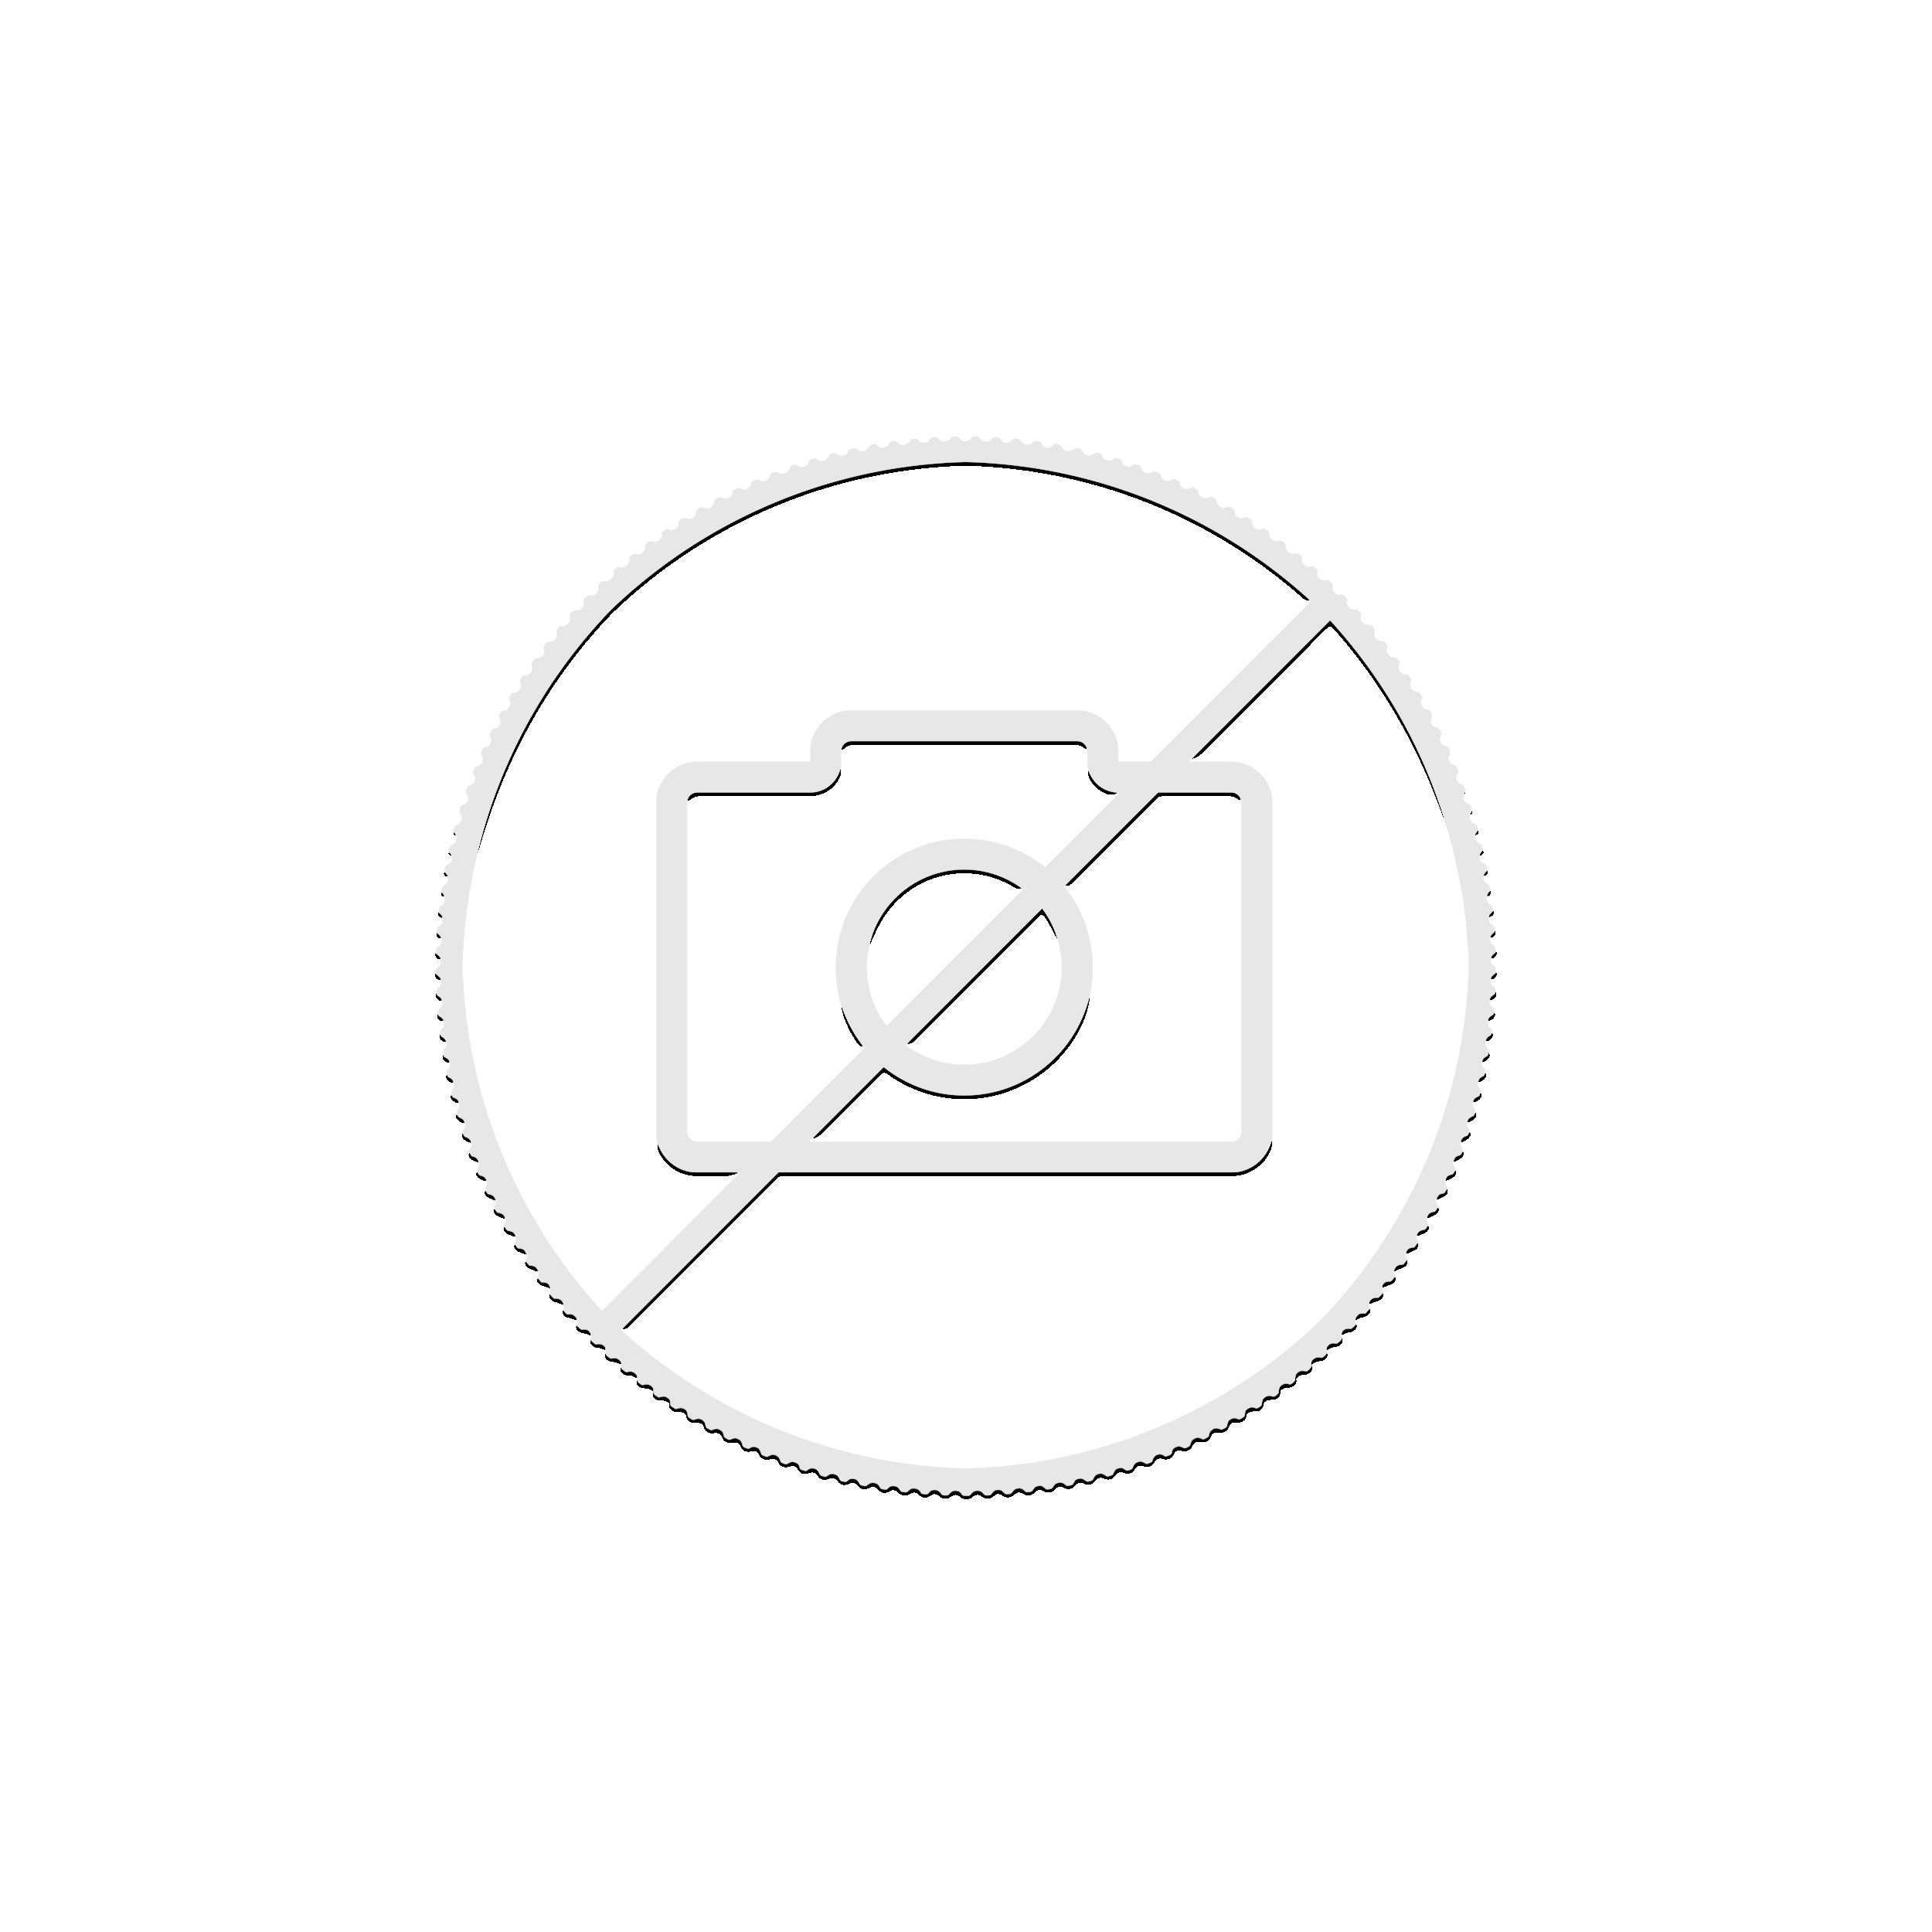 1 Kilo Koala silver coin 2015